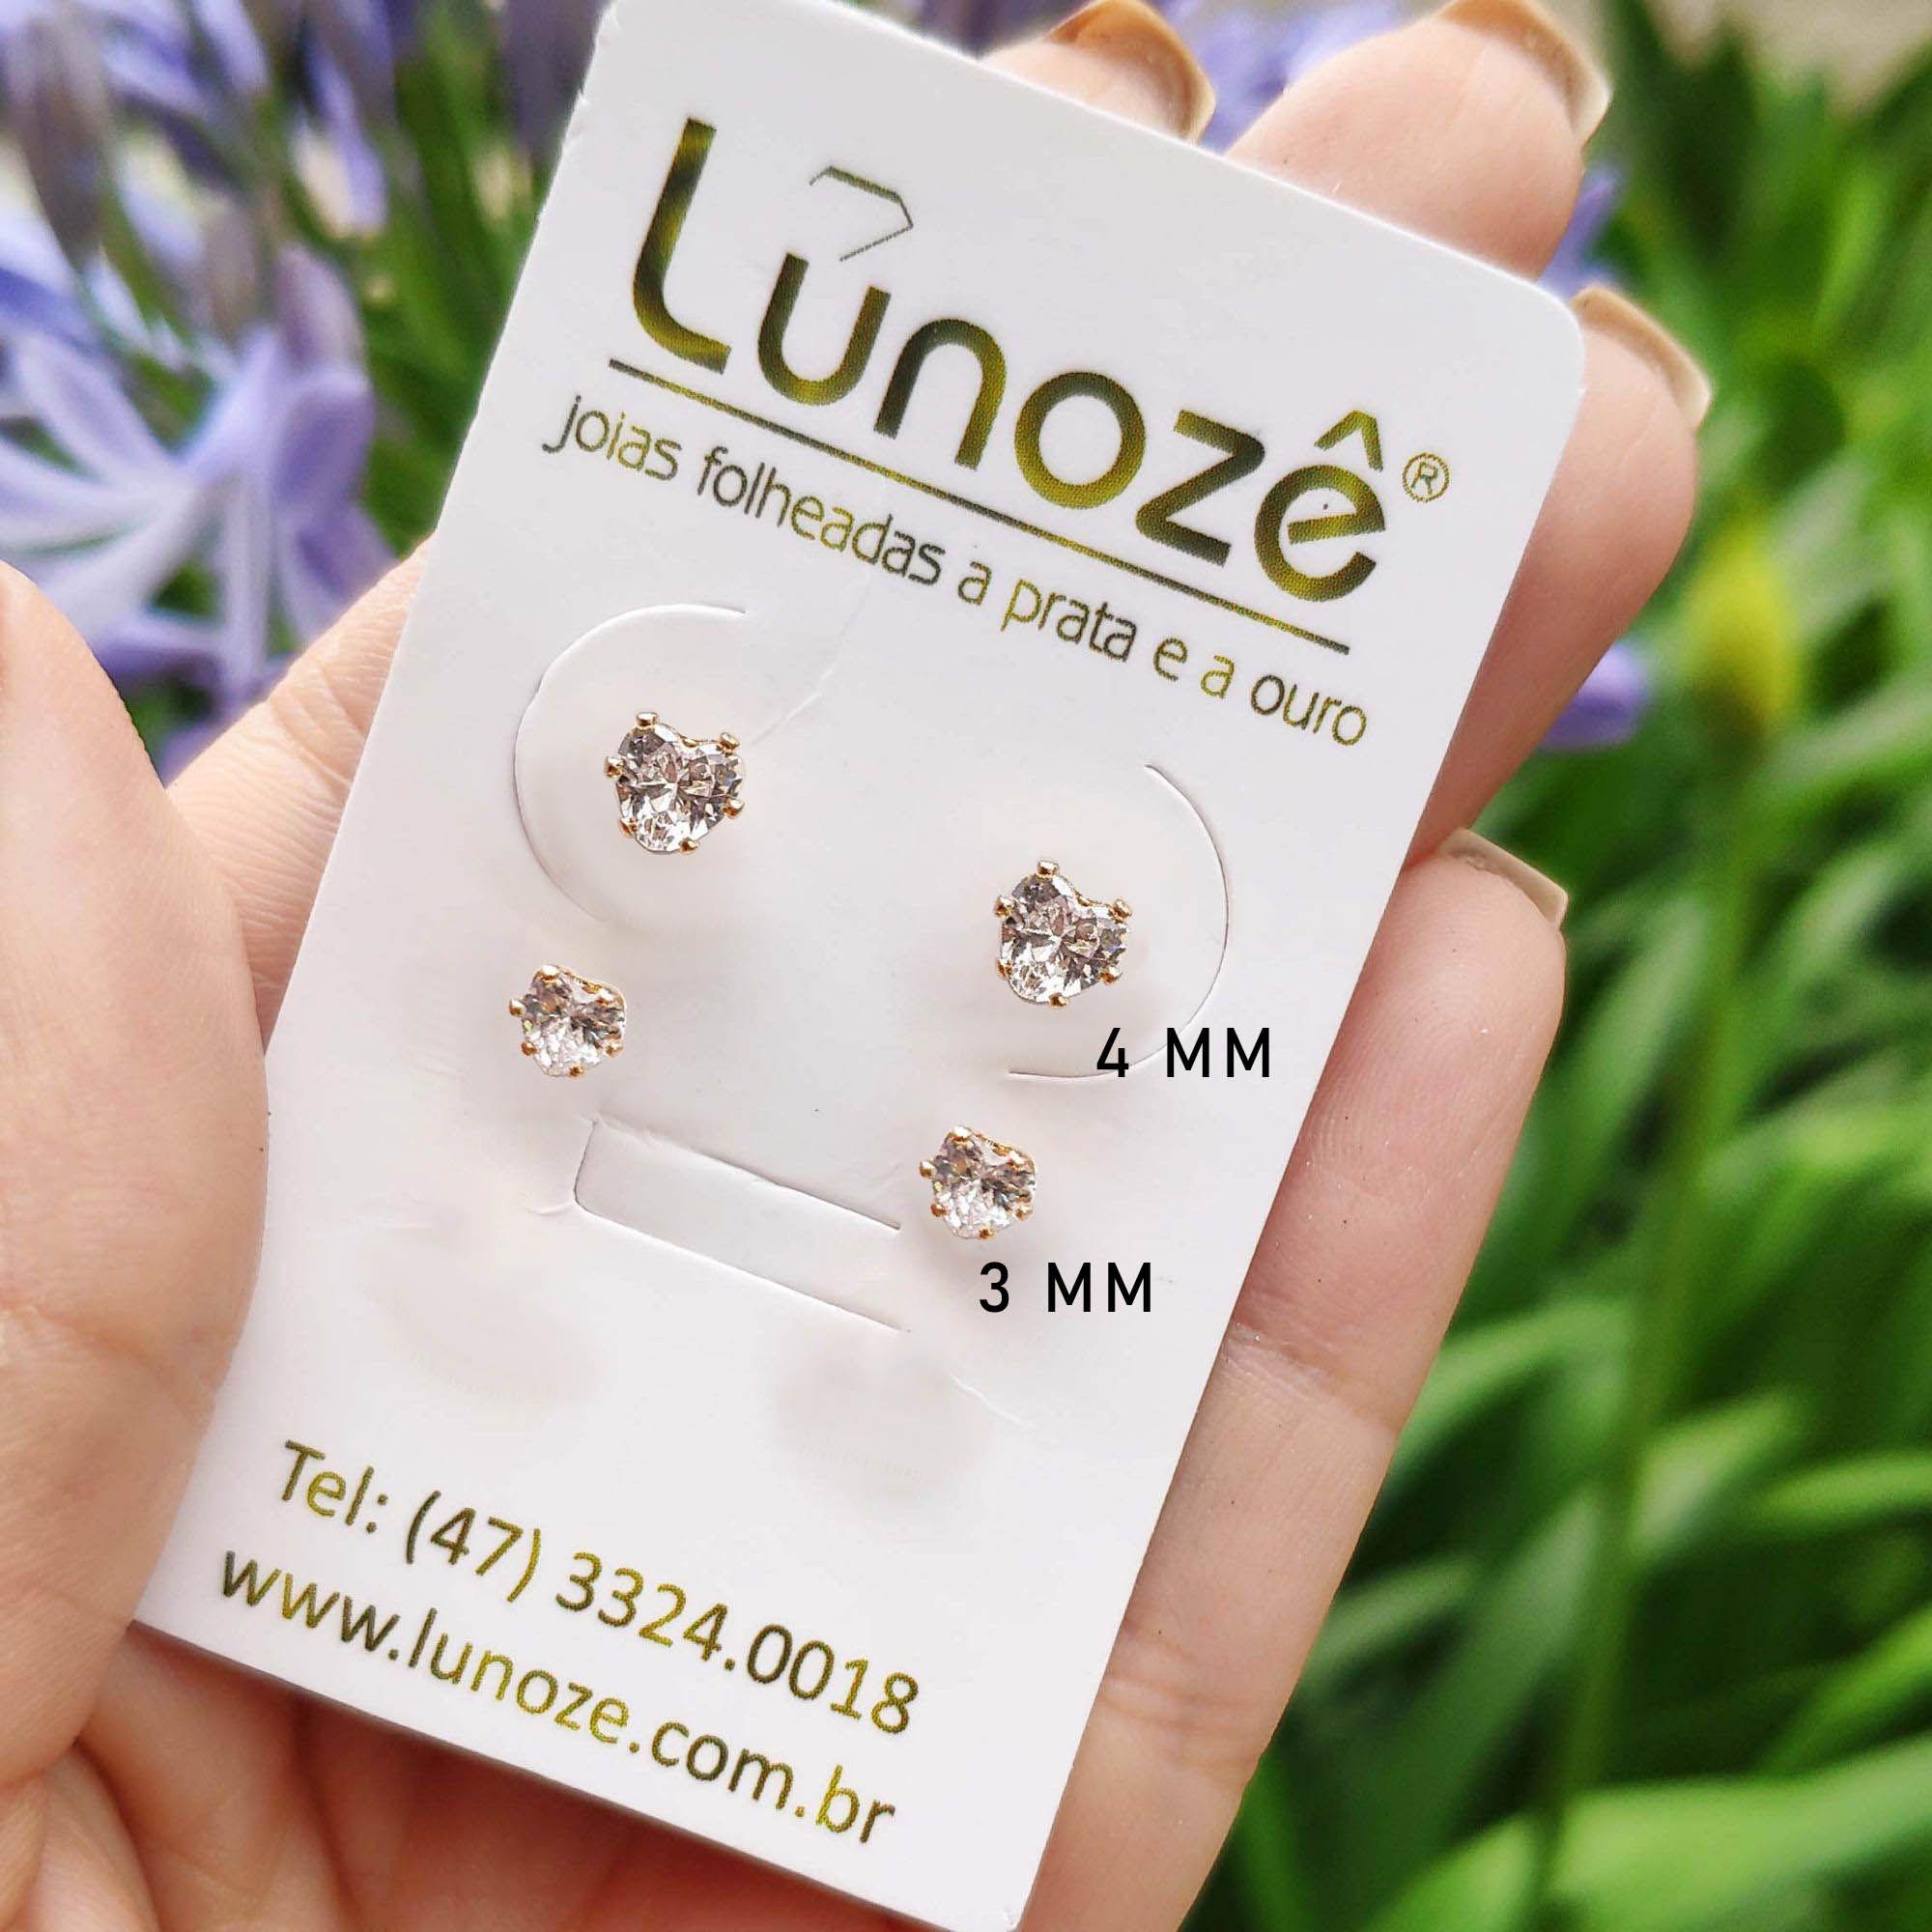 Brinco Pequeno Coração 4mm Zircônia Folheado a Ouro 18k  - Lunozê Joias